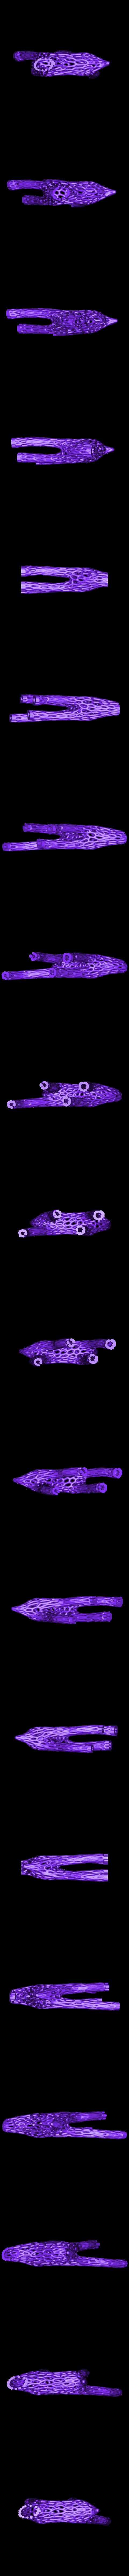 deer vornoi corp.stl Download free STL file Great Christmas deer + voronoi + Big sled • 3D print design, motek